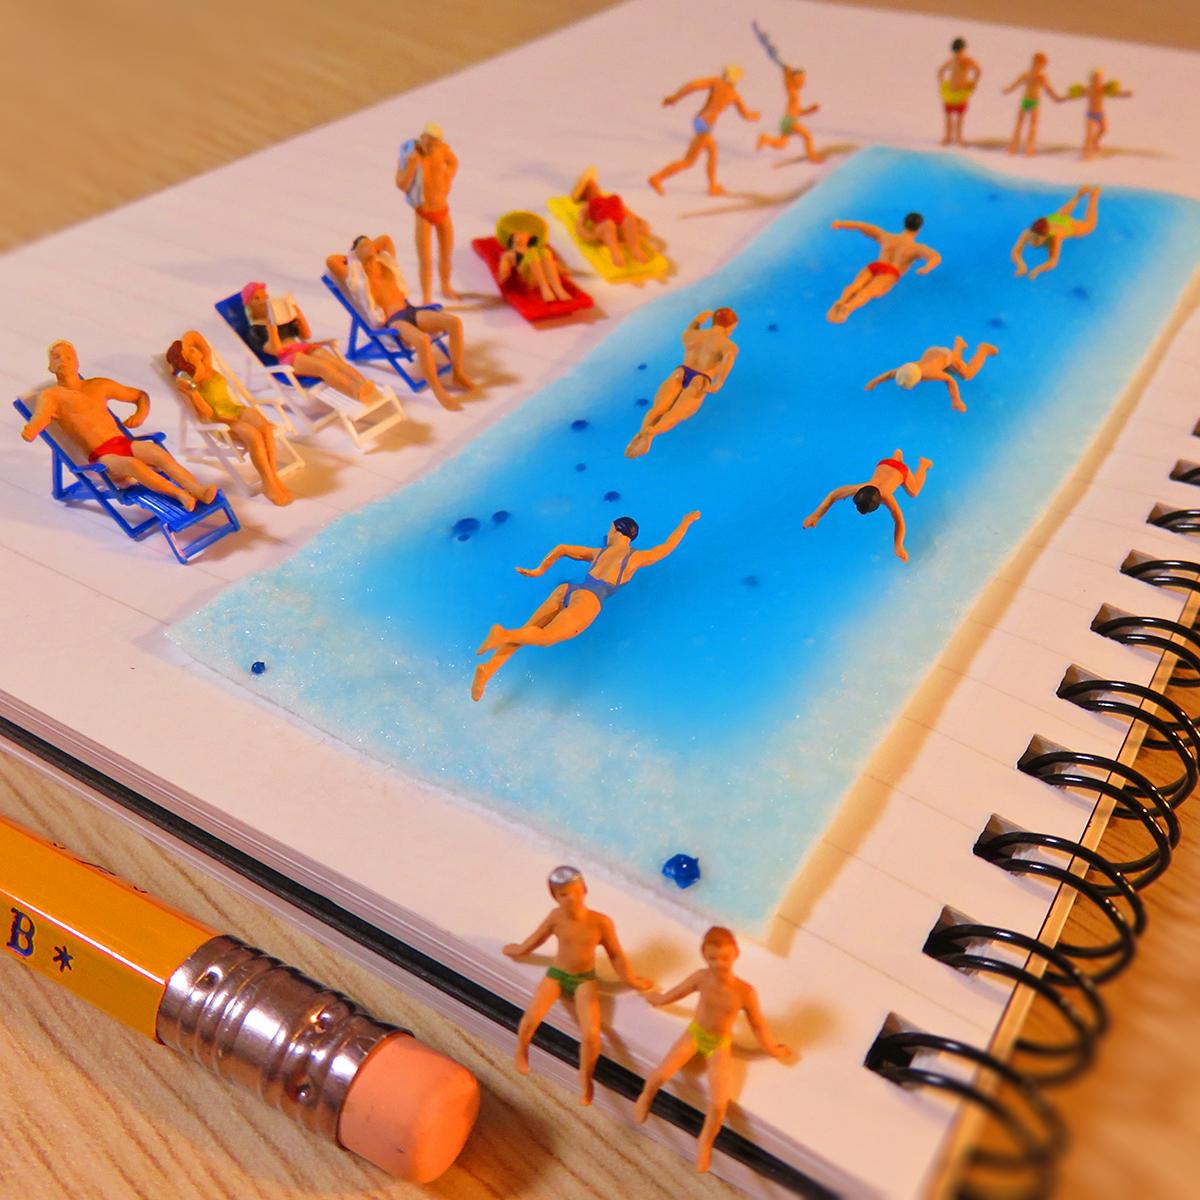 冷えピタのサンセットビーチで楽しむ人達